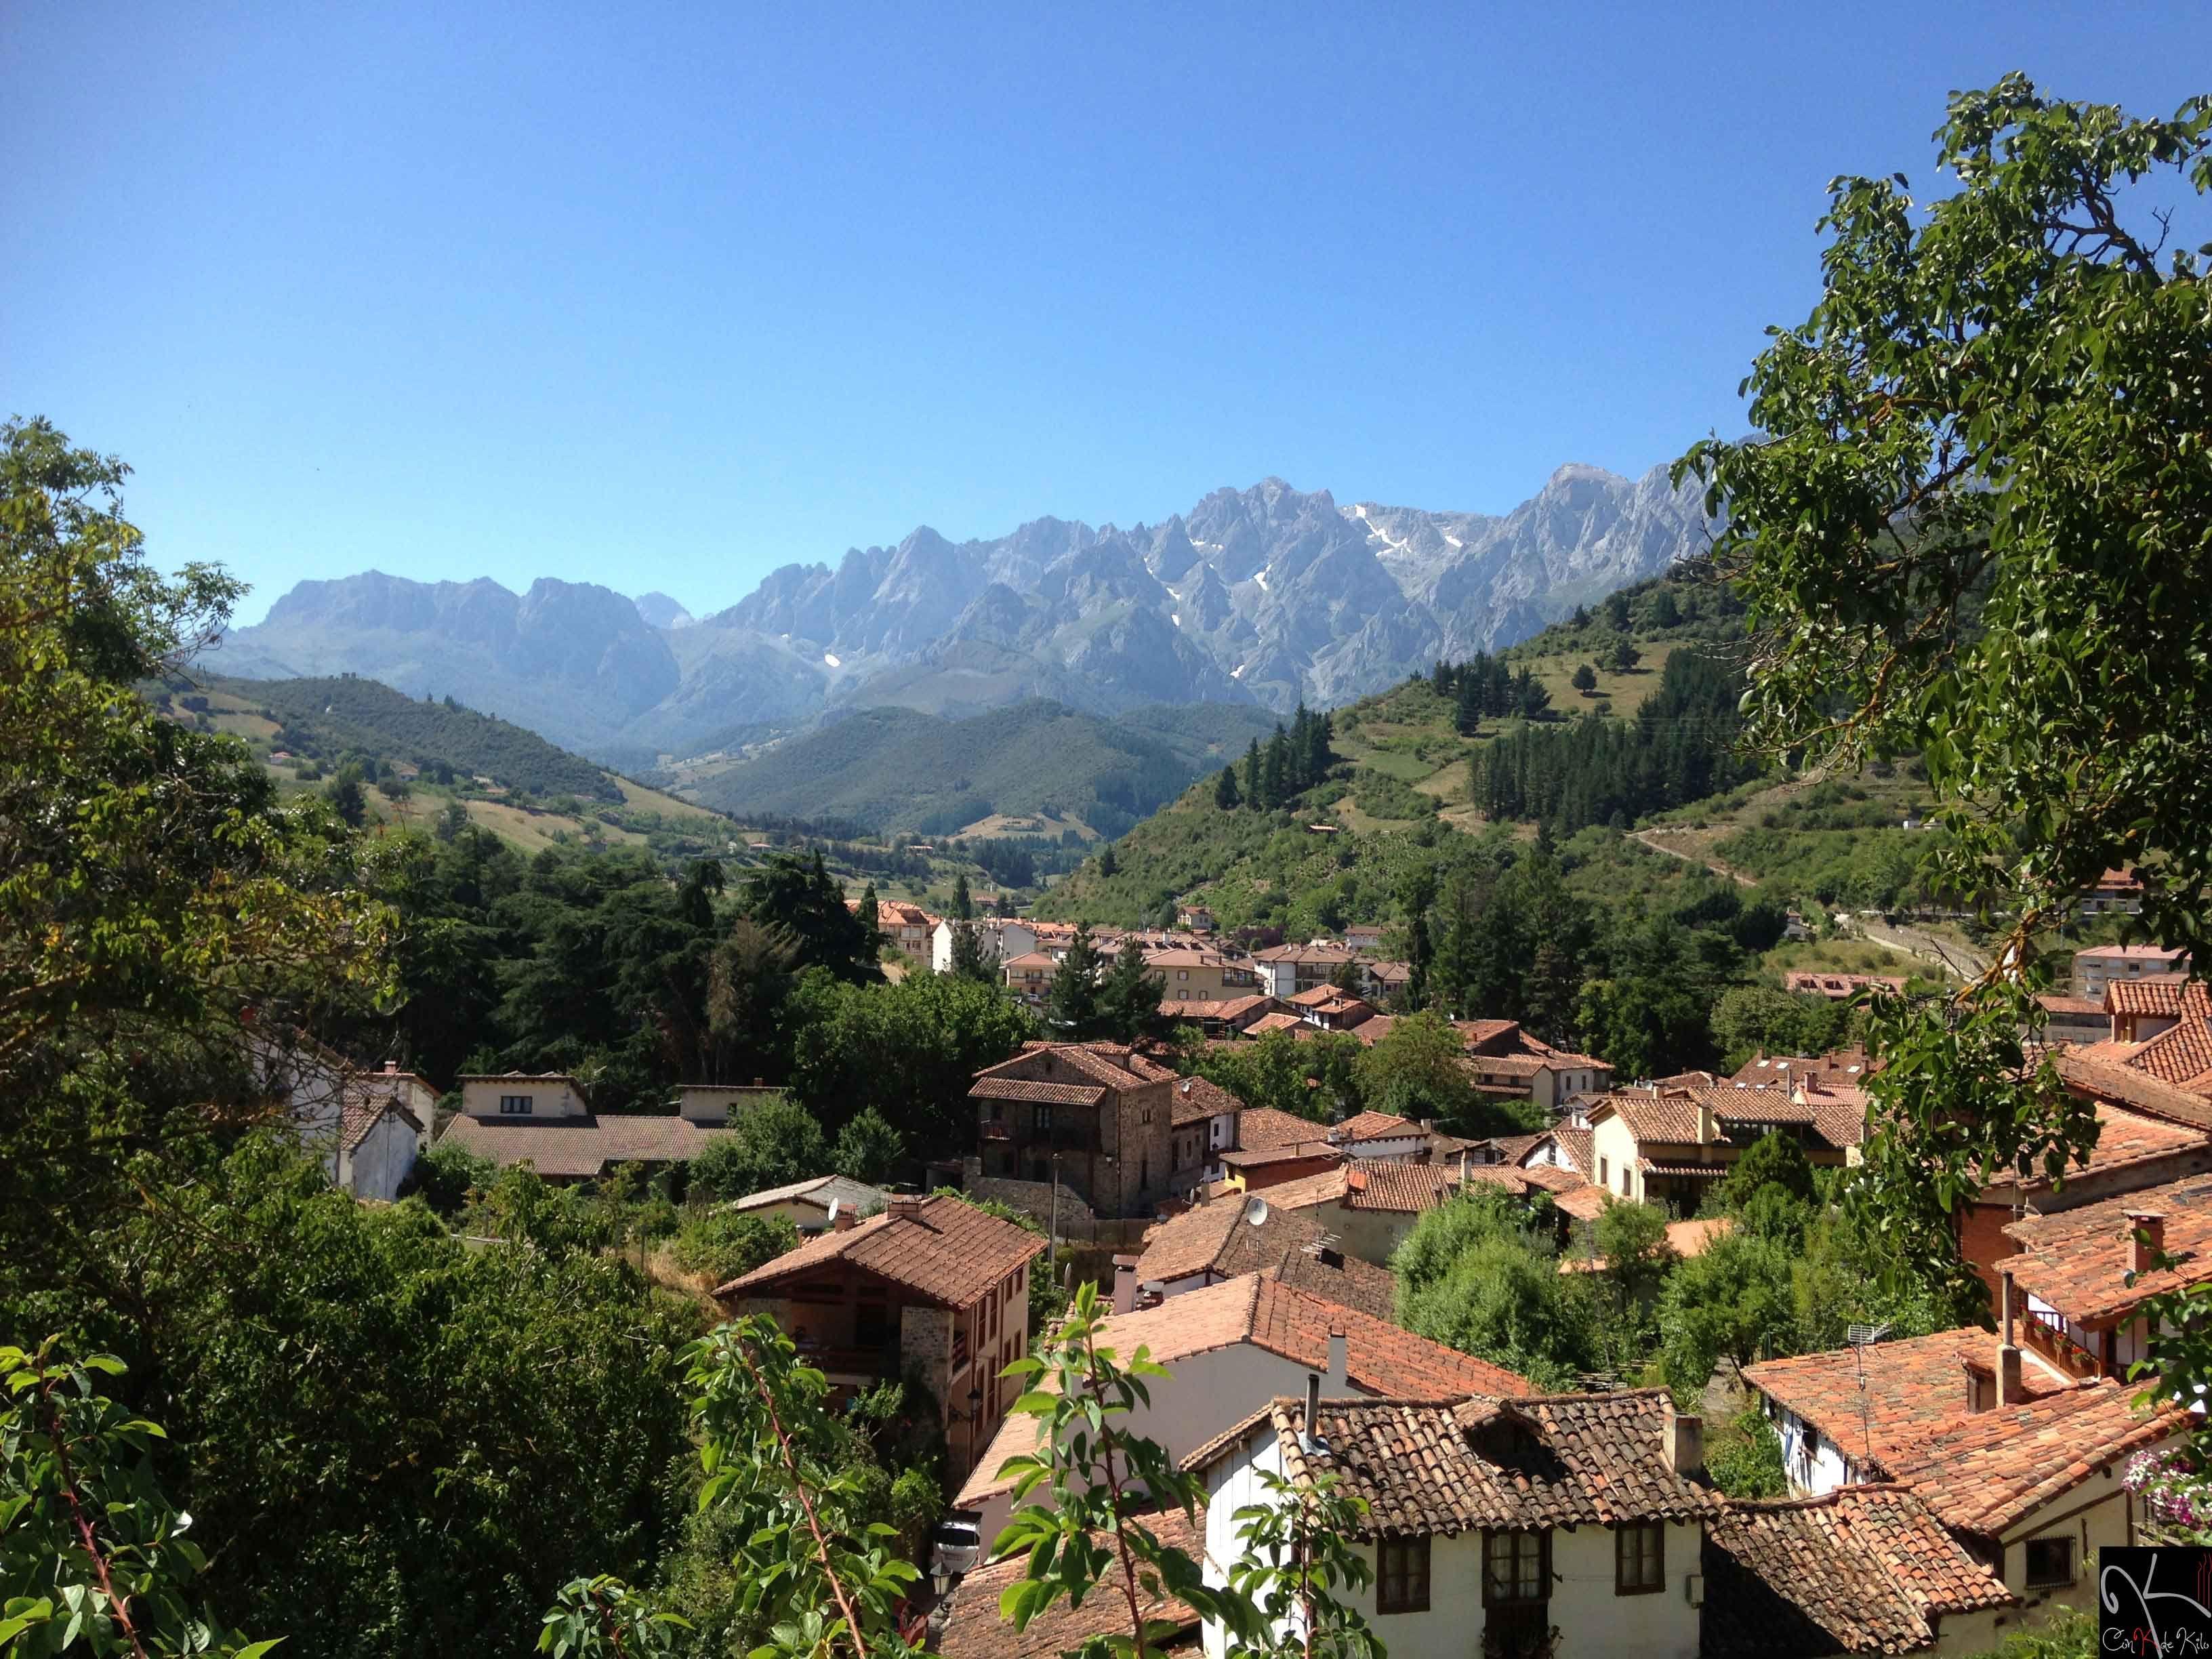 El Pueblo De Potes Con Los Picos De Europa De Fondo Cantabria Natural Landmarks Travel Landmarks